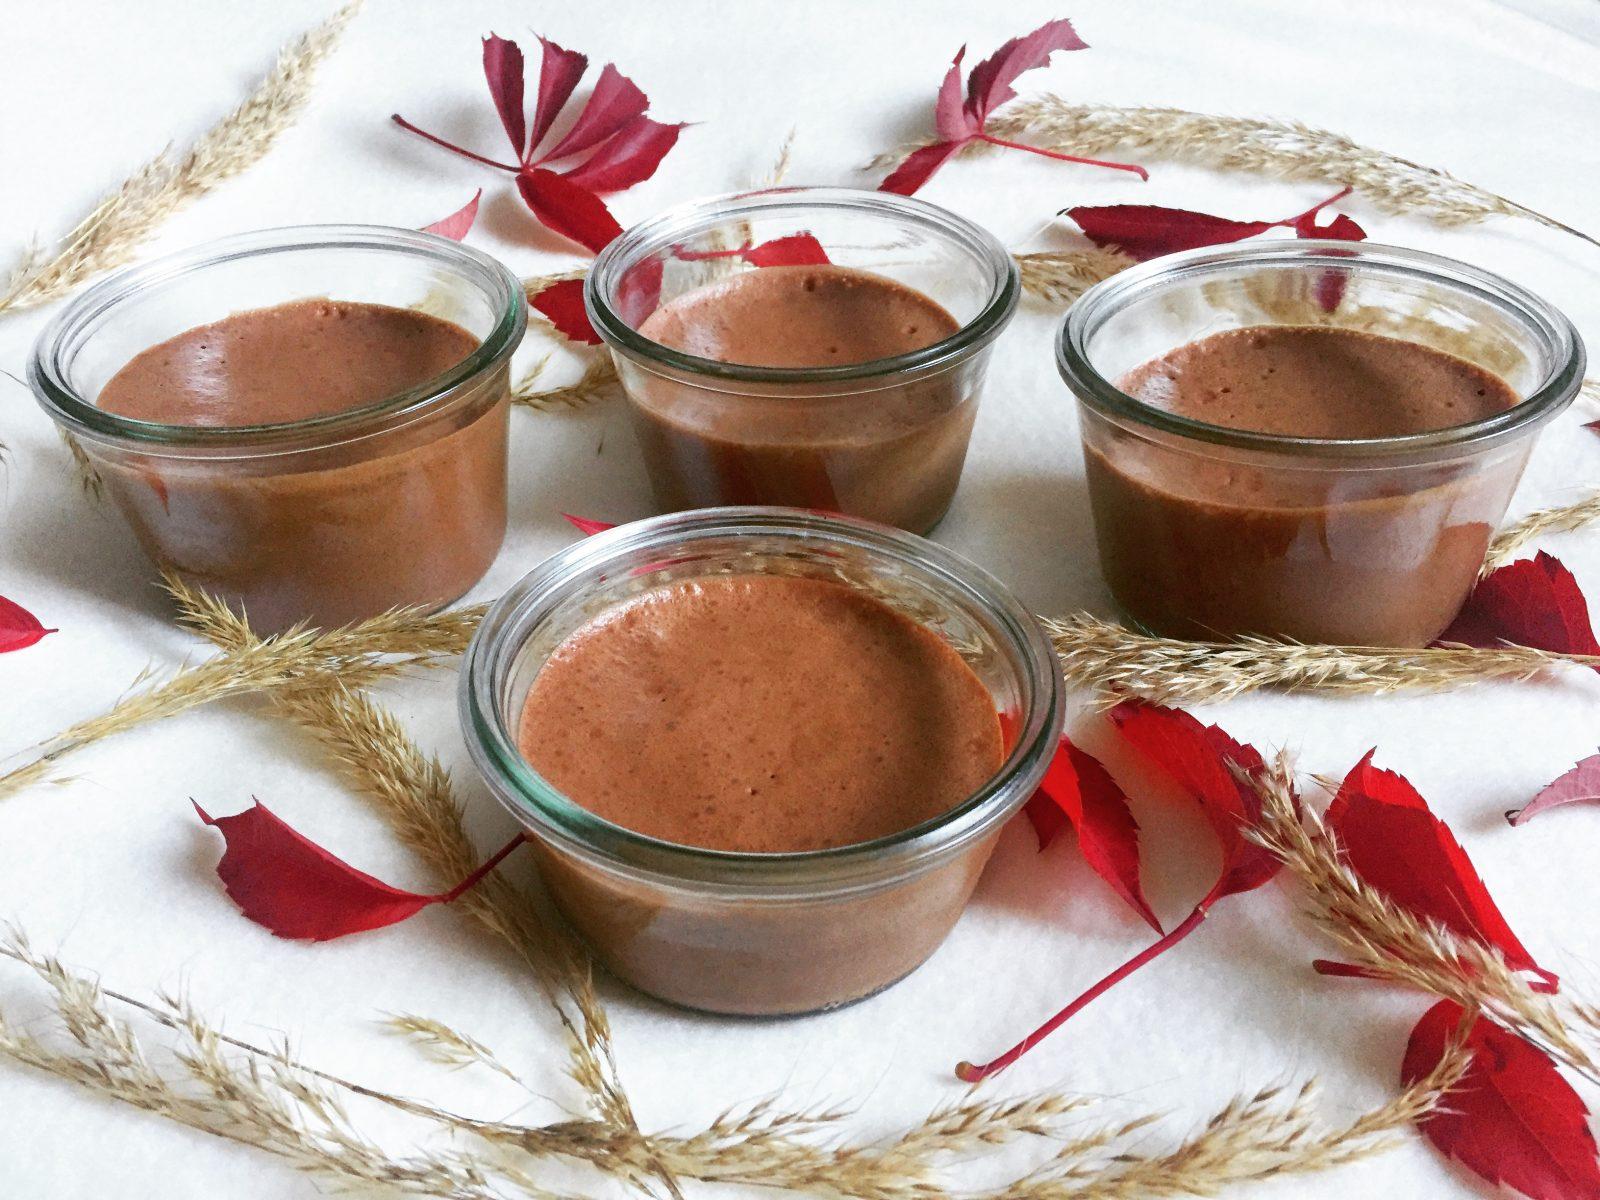 Mousse au chocolat - végétale, vegan, sans gluten